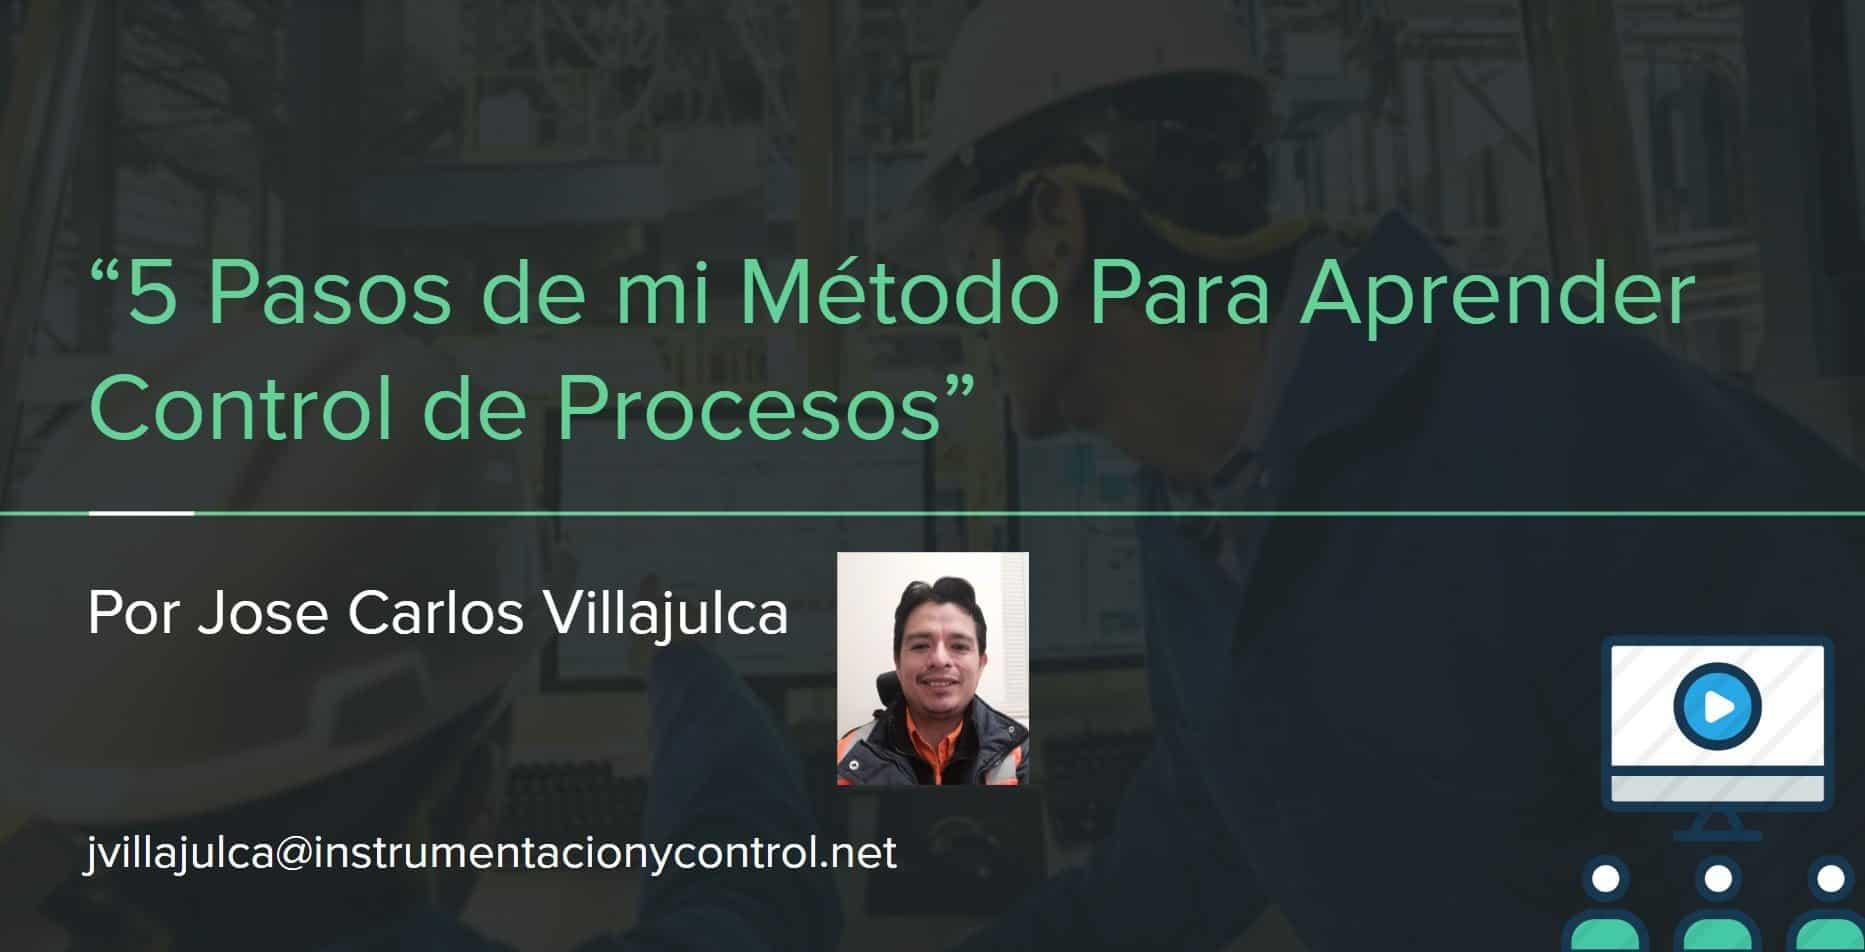 5 pasos metodo control procesos